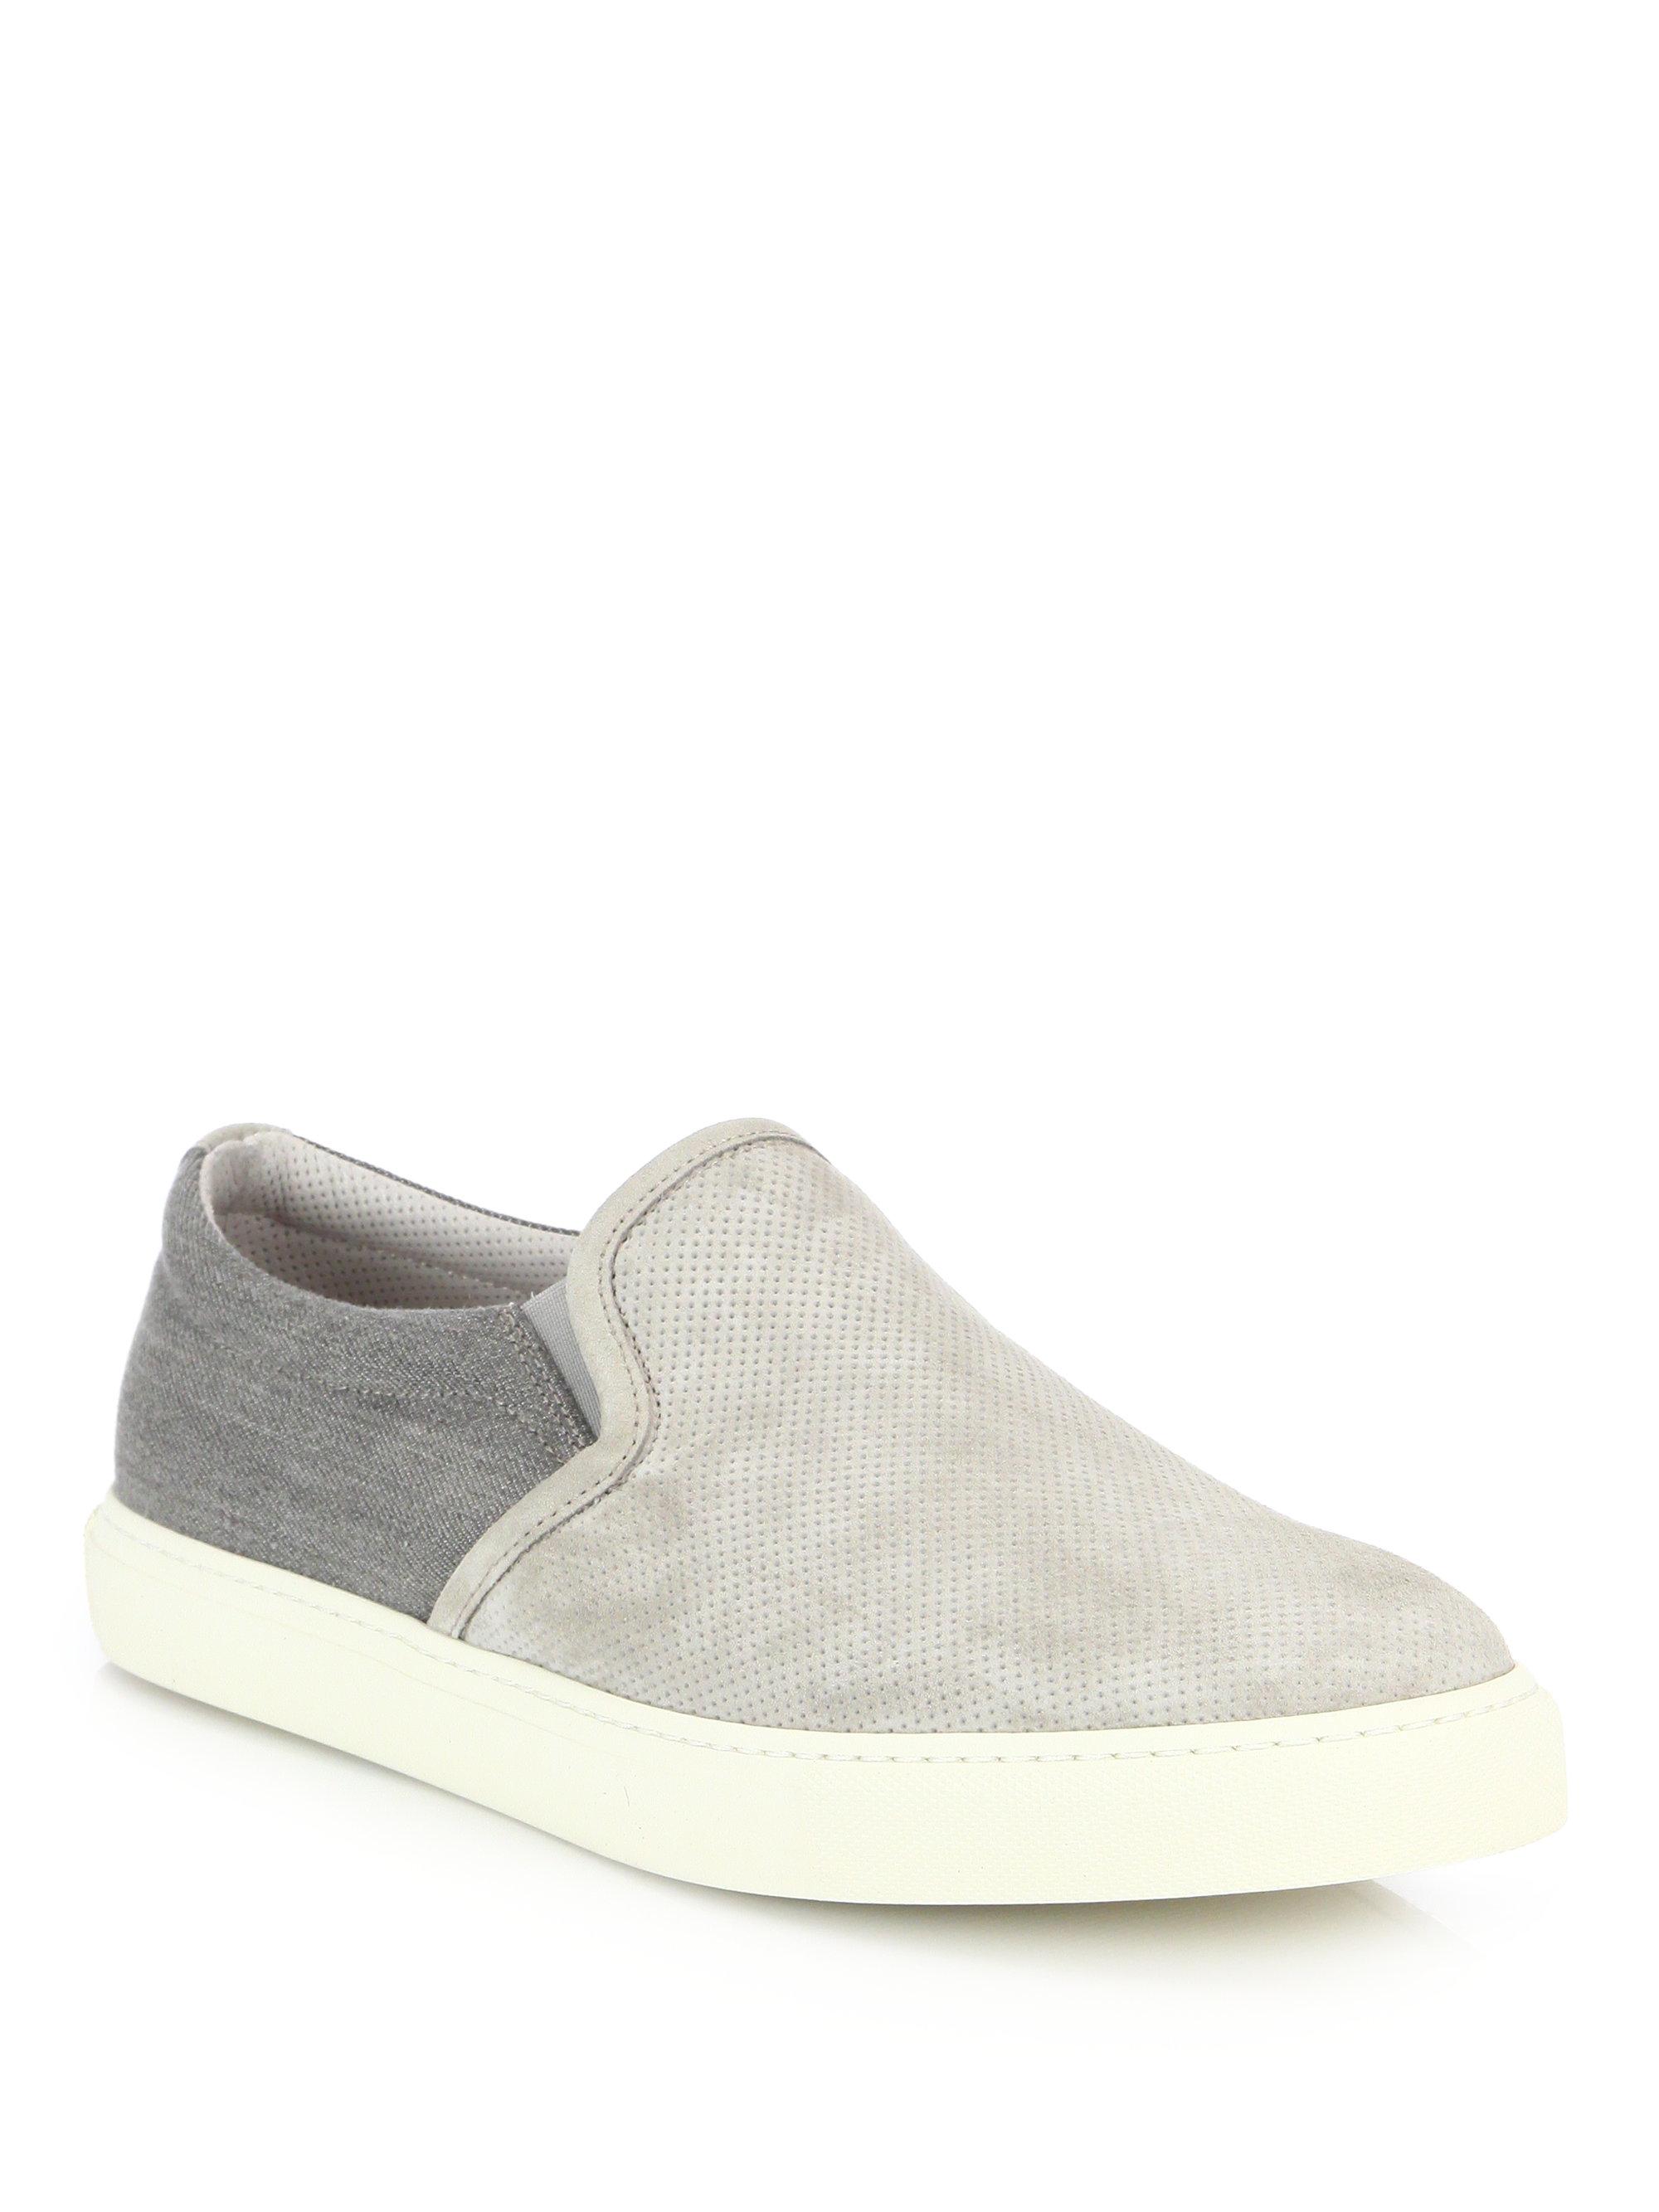 sale official Brunello Cucinelli Monili Slip-On Sneakers 100% original cheap price J3rIm